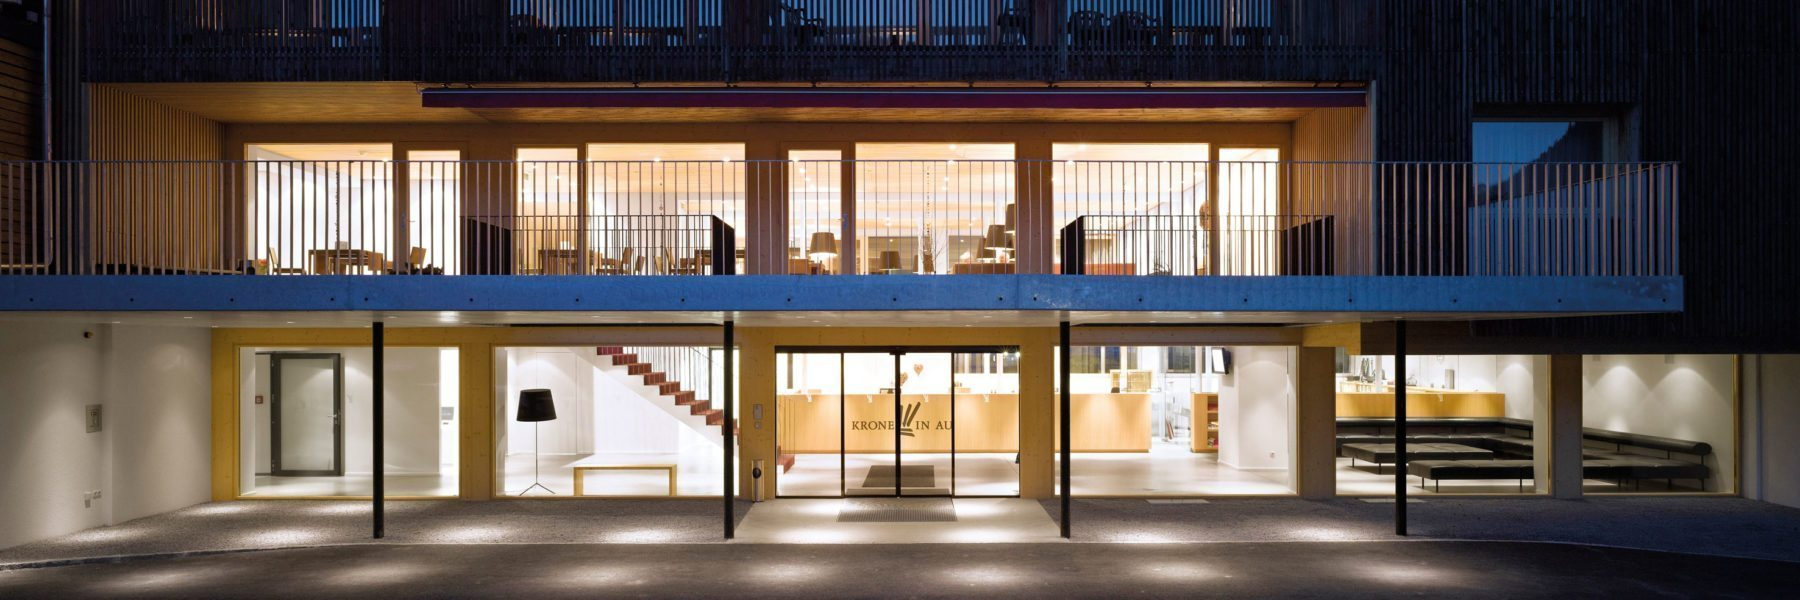 Architektur Hotel Krone Au